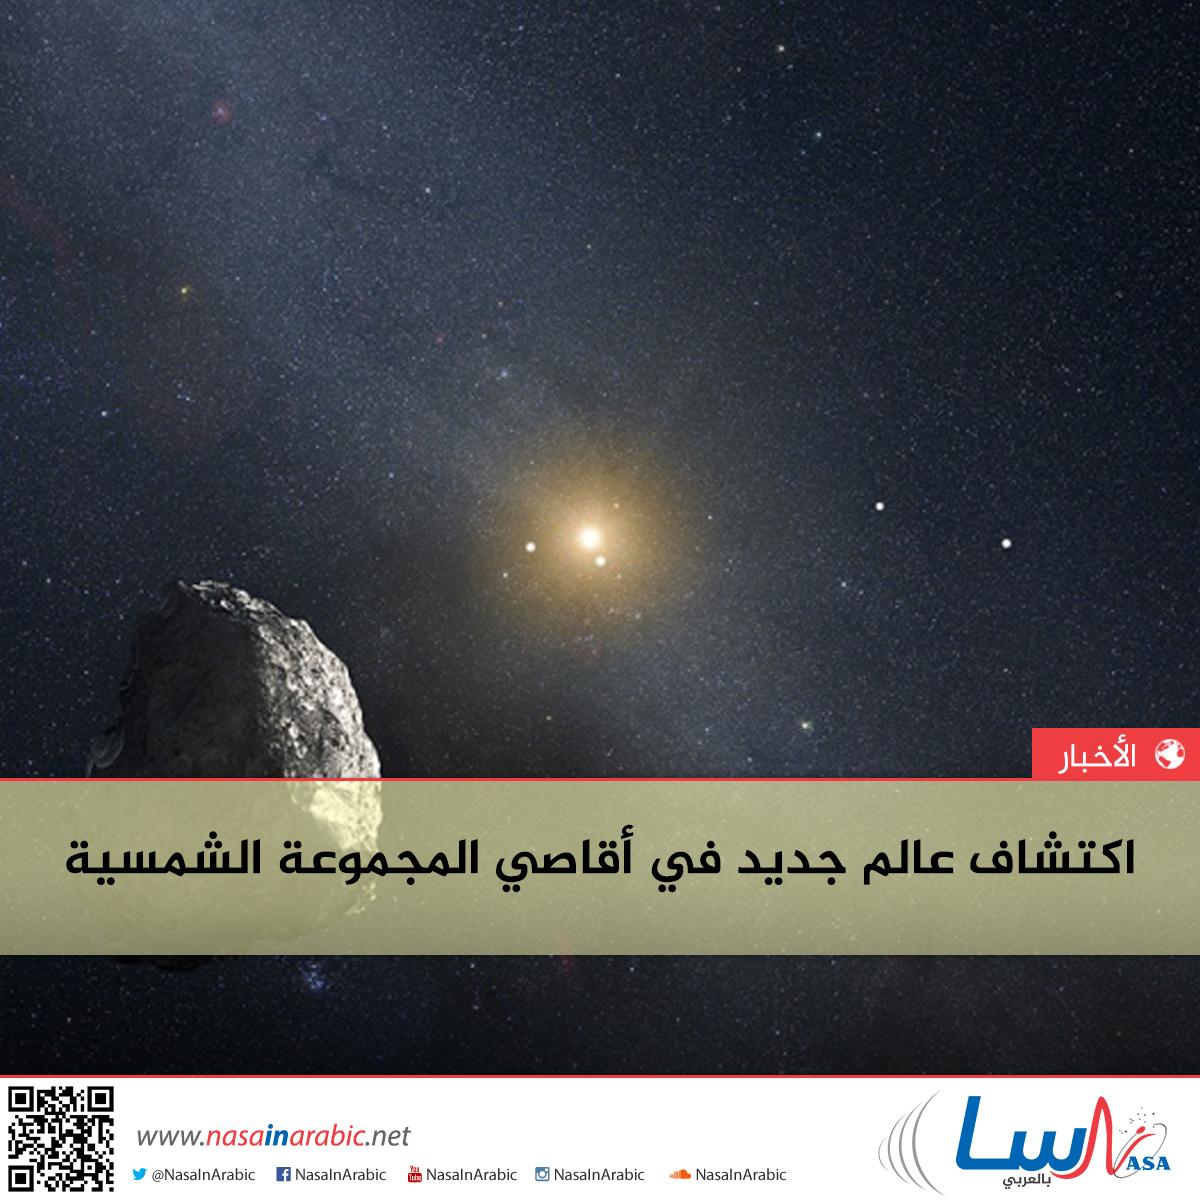 اكتشاف عالم جديد في أقاصي المجموعة الشمسية